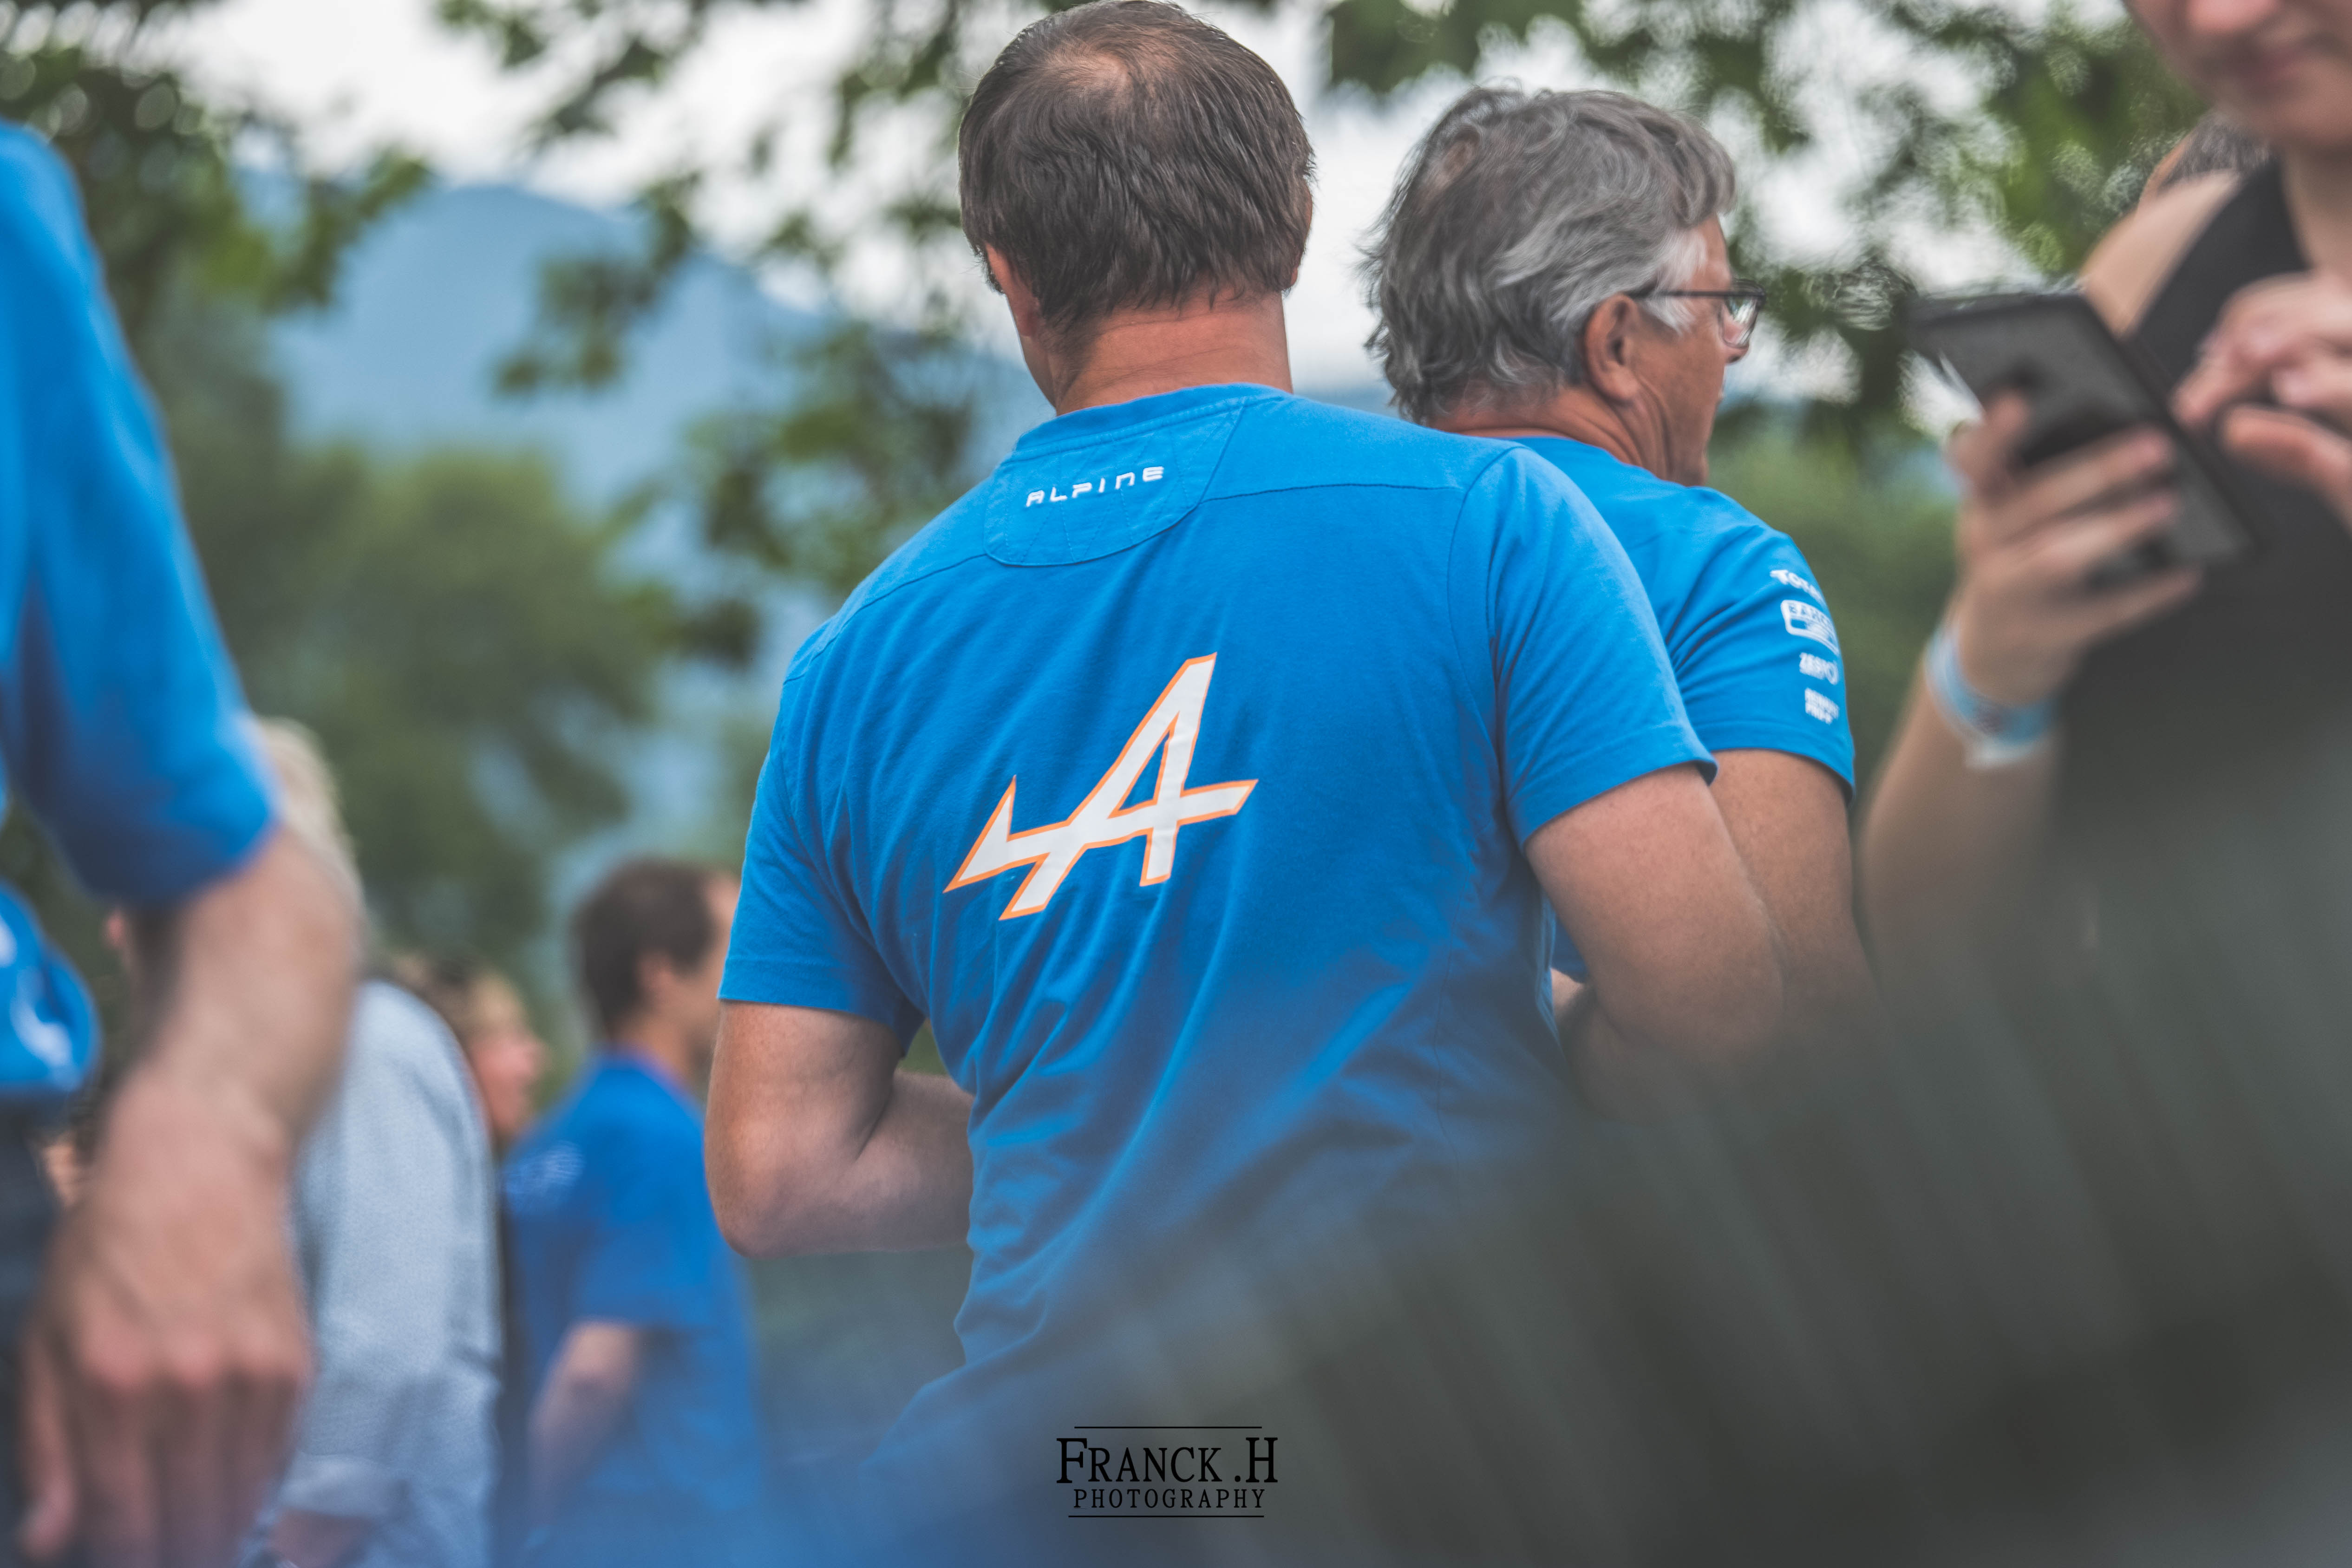 1ère Rencontre Franco Suisse Alpine A110 Divonne Franck H Photography 49 | 1ère Rencontre Franco-Suisse Alpine par Franck H Photography